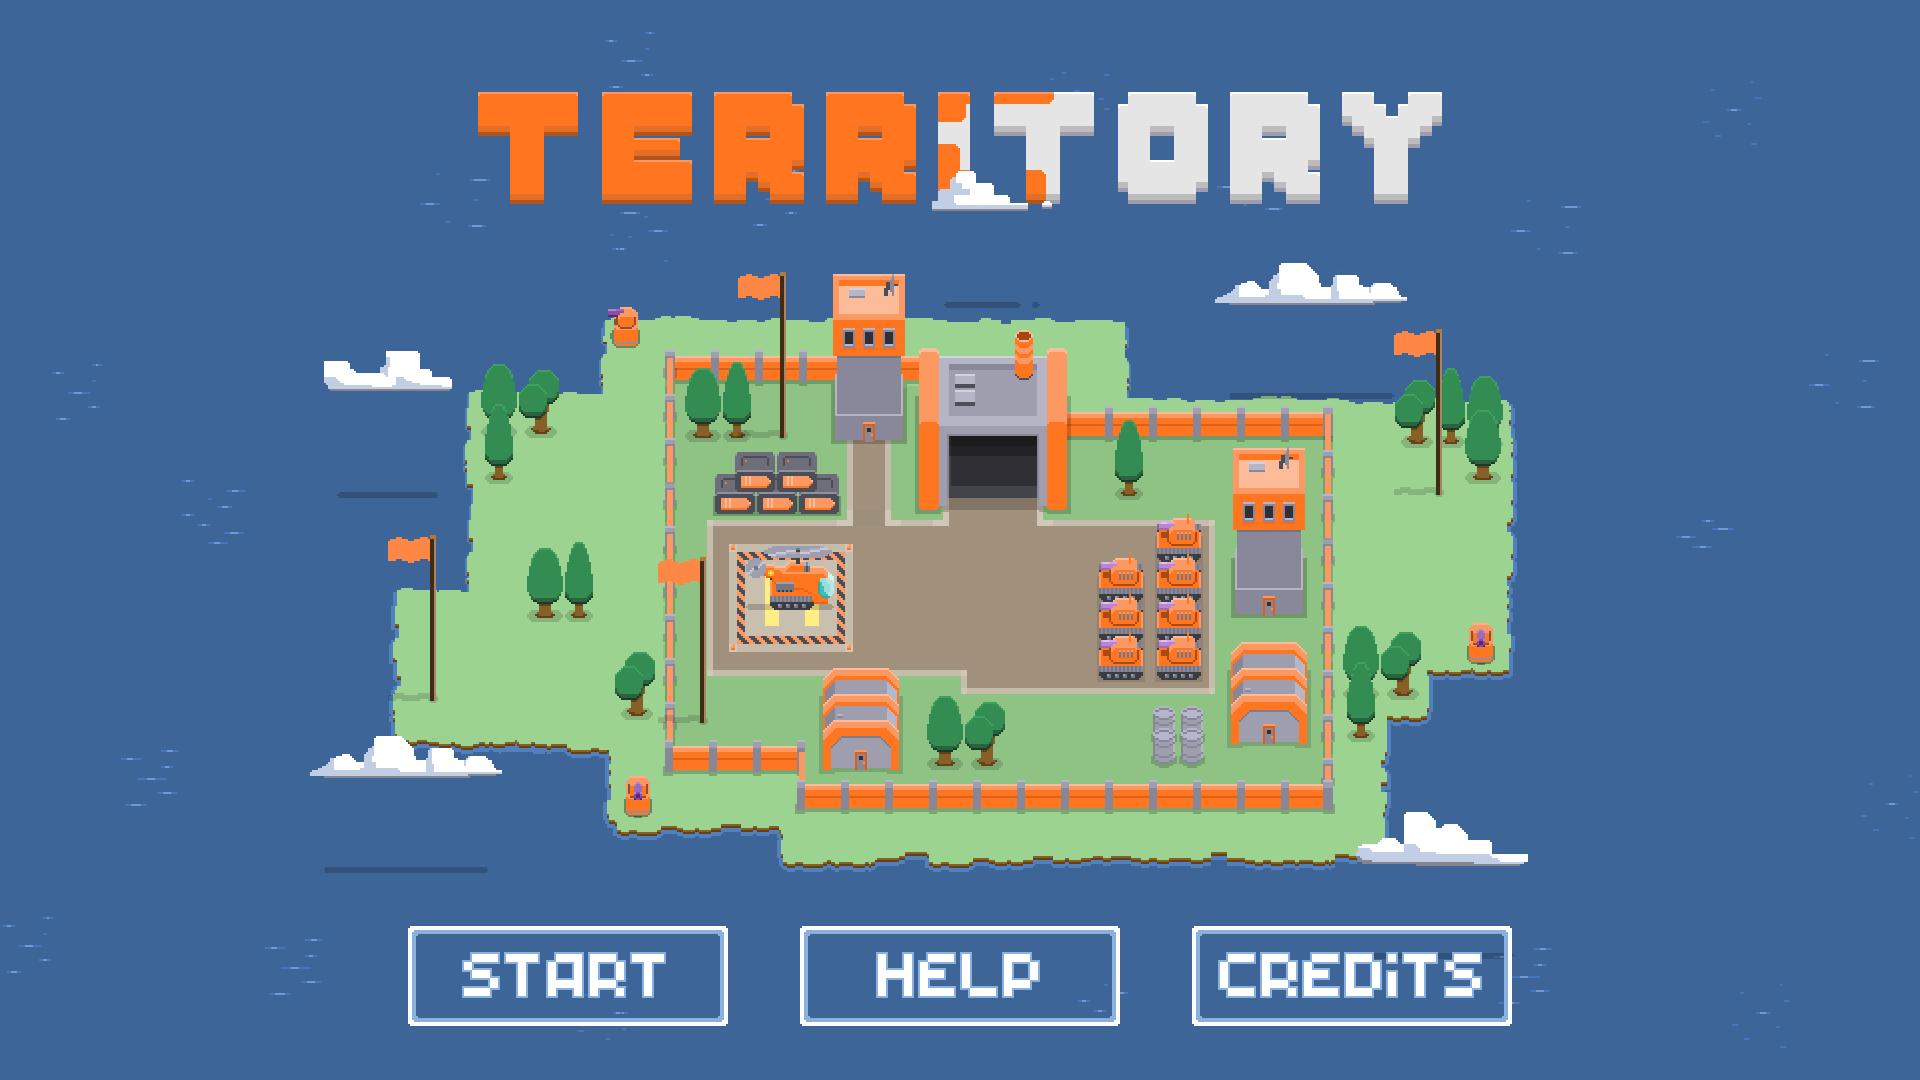 Screenshot showing Territory's opening title screen.